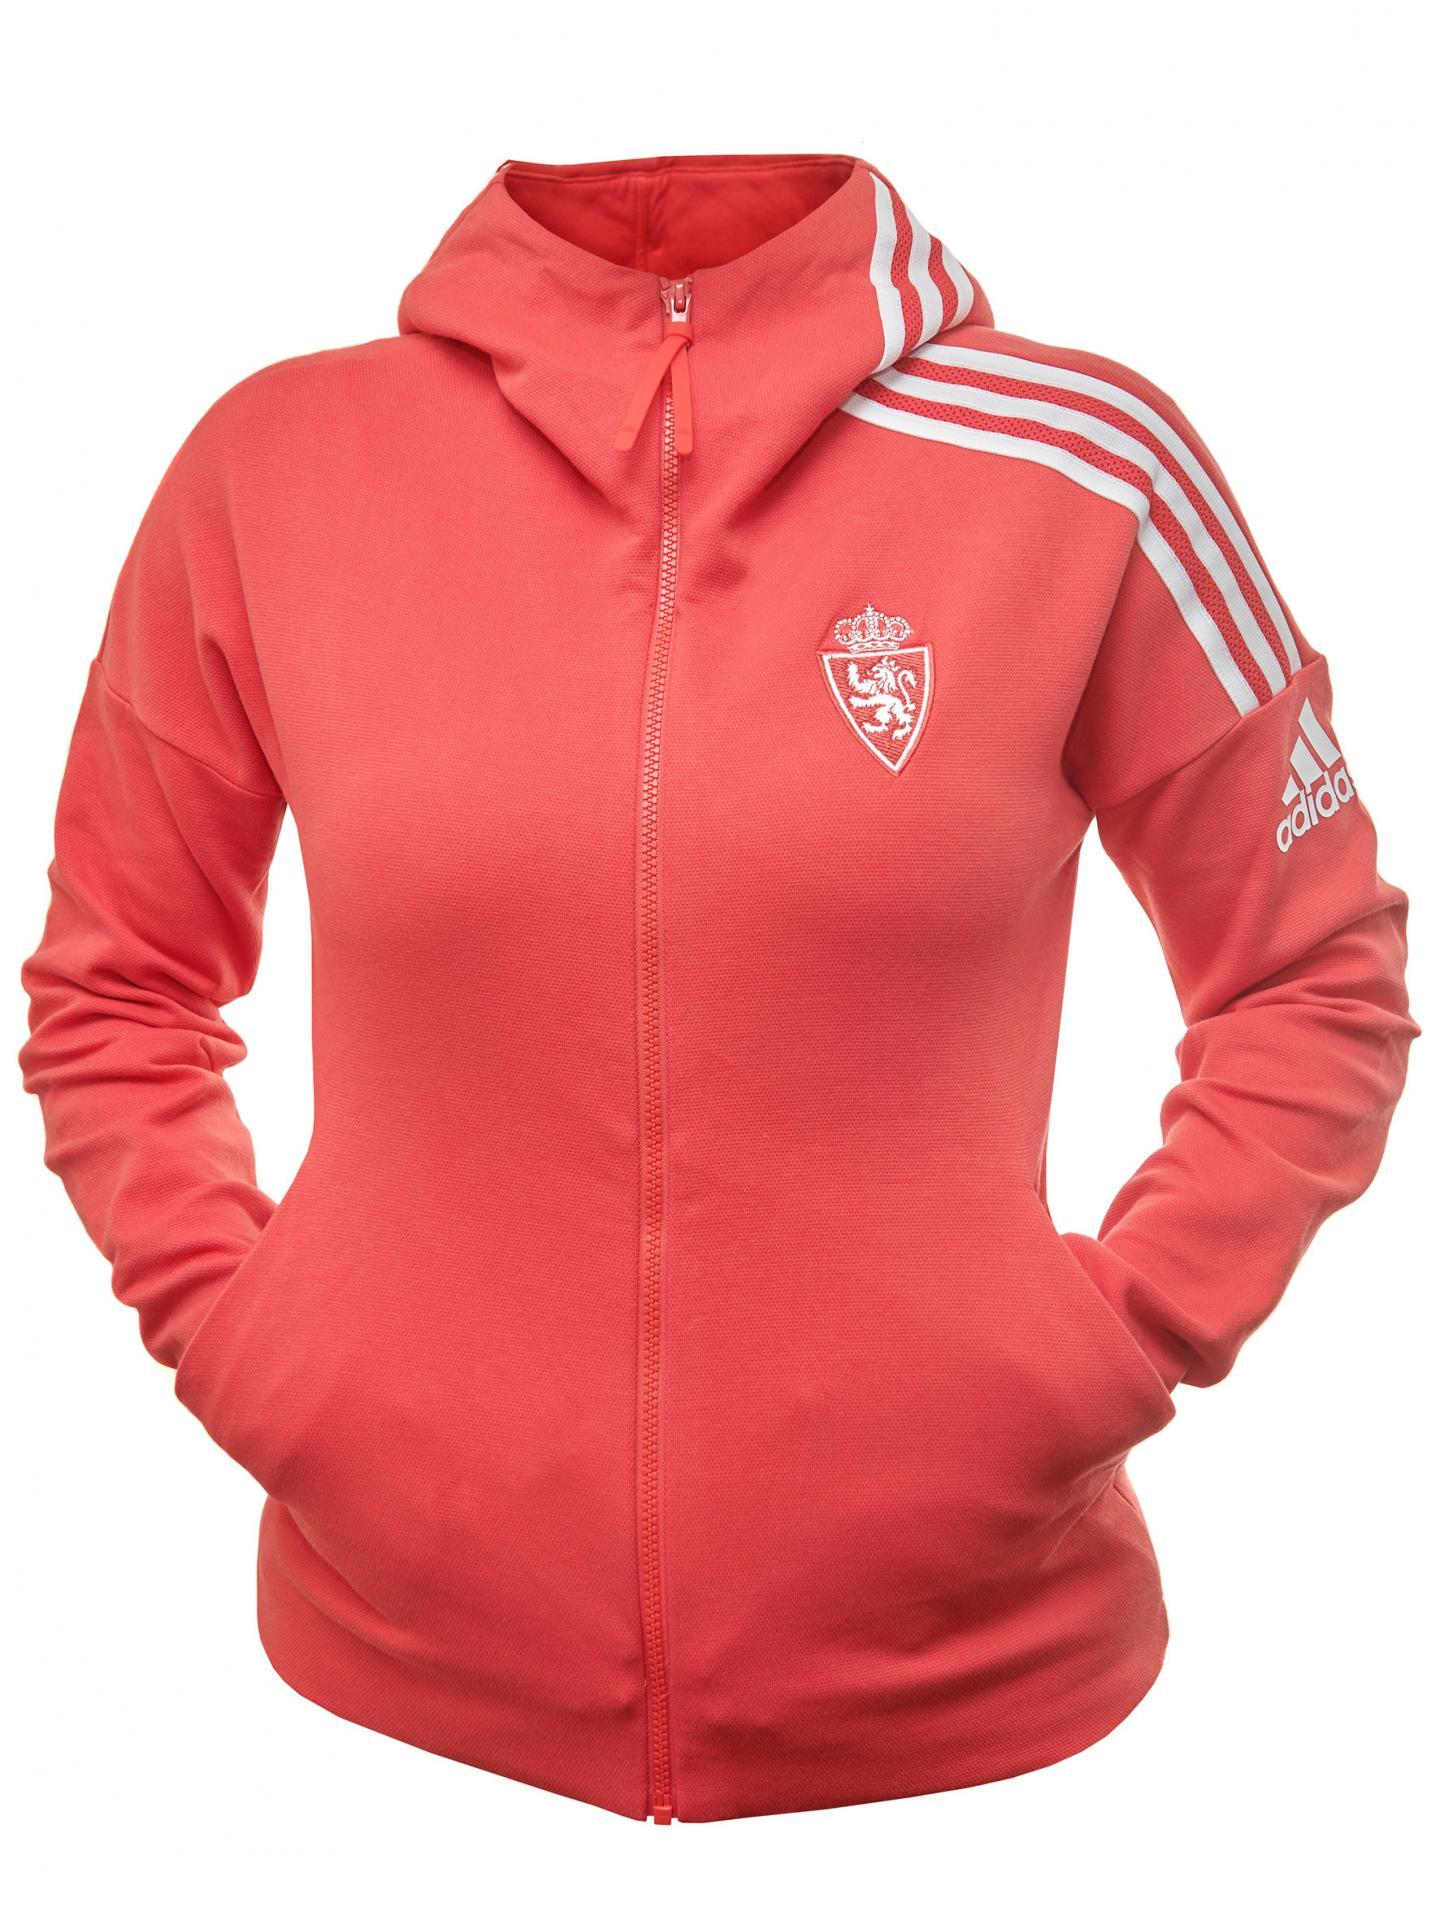 Chaqueta con capucha adidas Z.N.E. para mujer